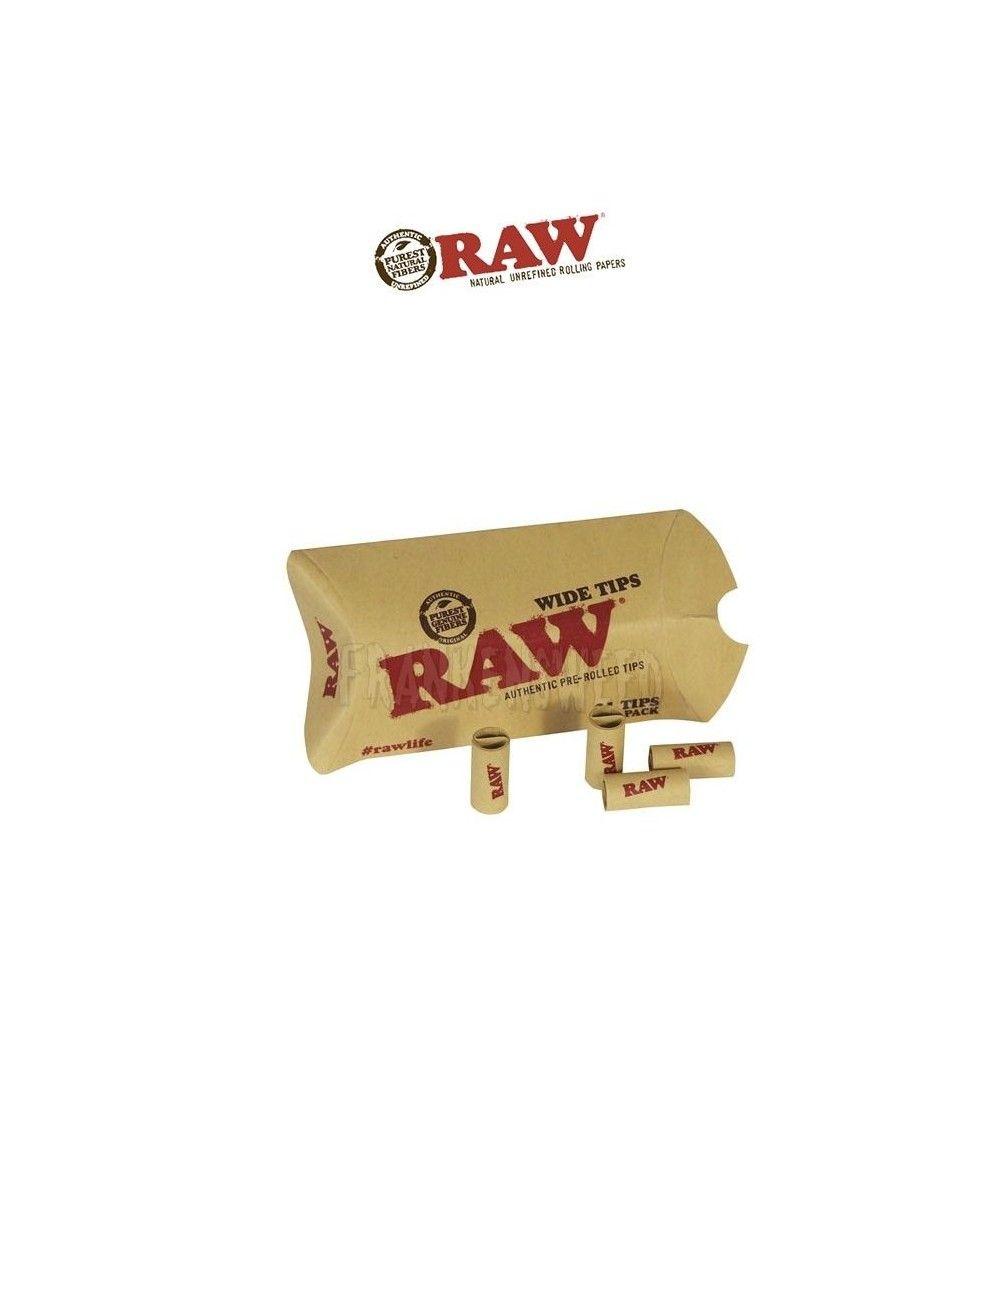 Comprar boquillas RAW Tips Prerolled Wide en Frankensweed Shop Online en España.